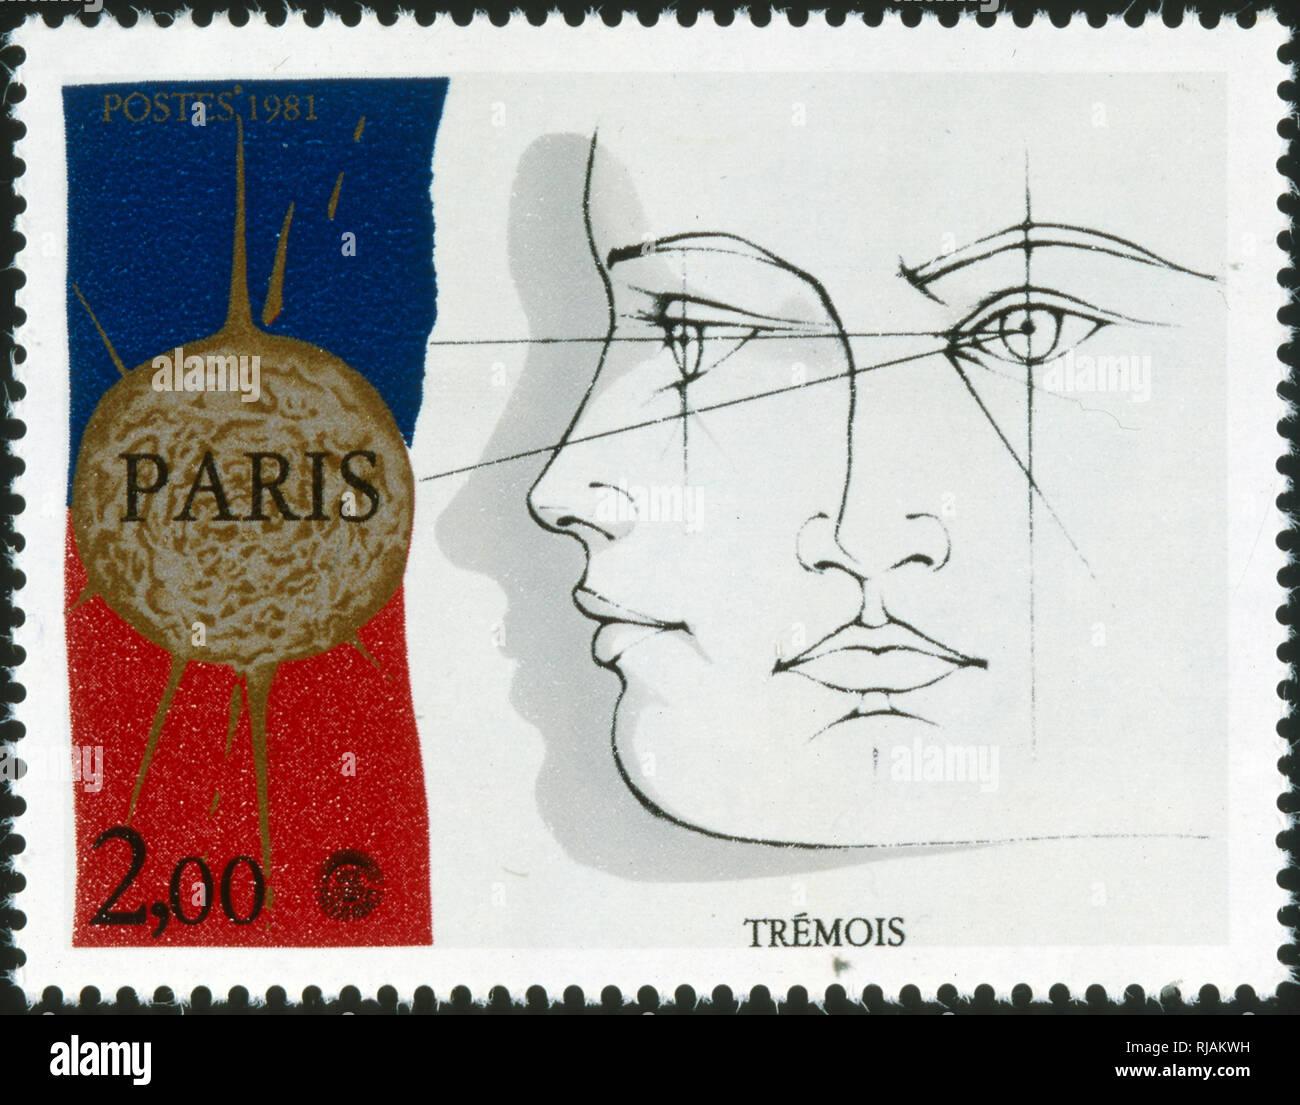 Timbre-poste commémorant français Pierre-Yves Tremois (né le 8 janvier 1921 à Paris), un sculpteur et artiste plasticien français. Il est connu pour les œuvres évocatrices dessin dans des proportions égales sur le surréalisme et la science illustration Photo Stock